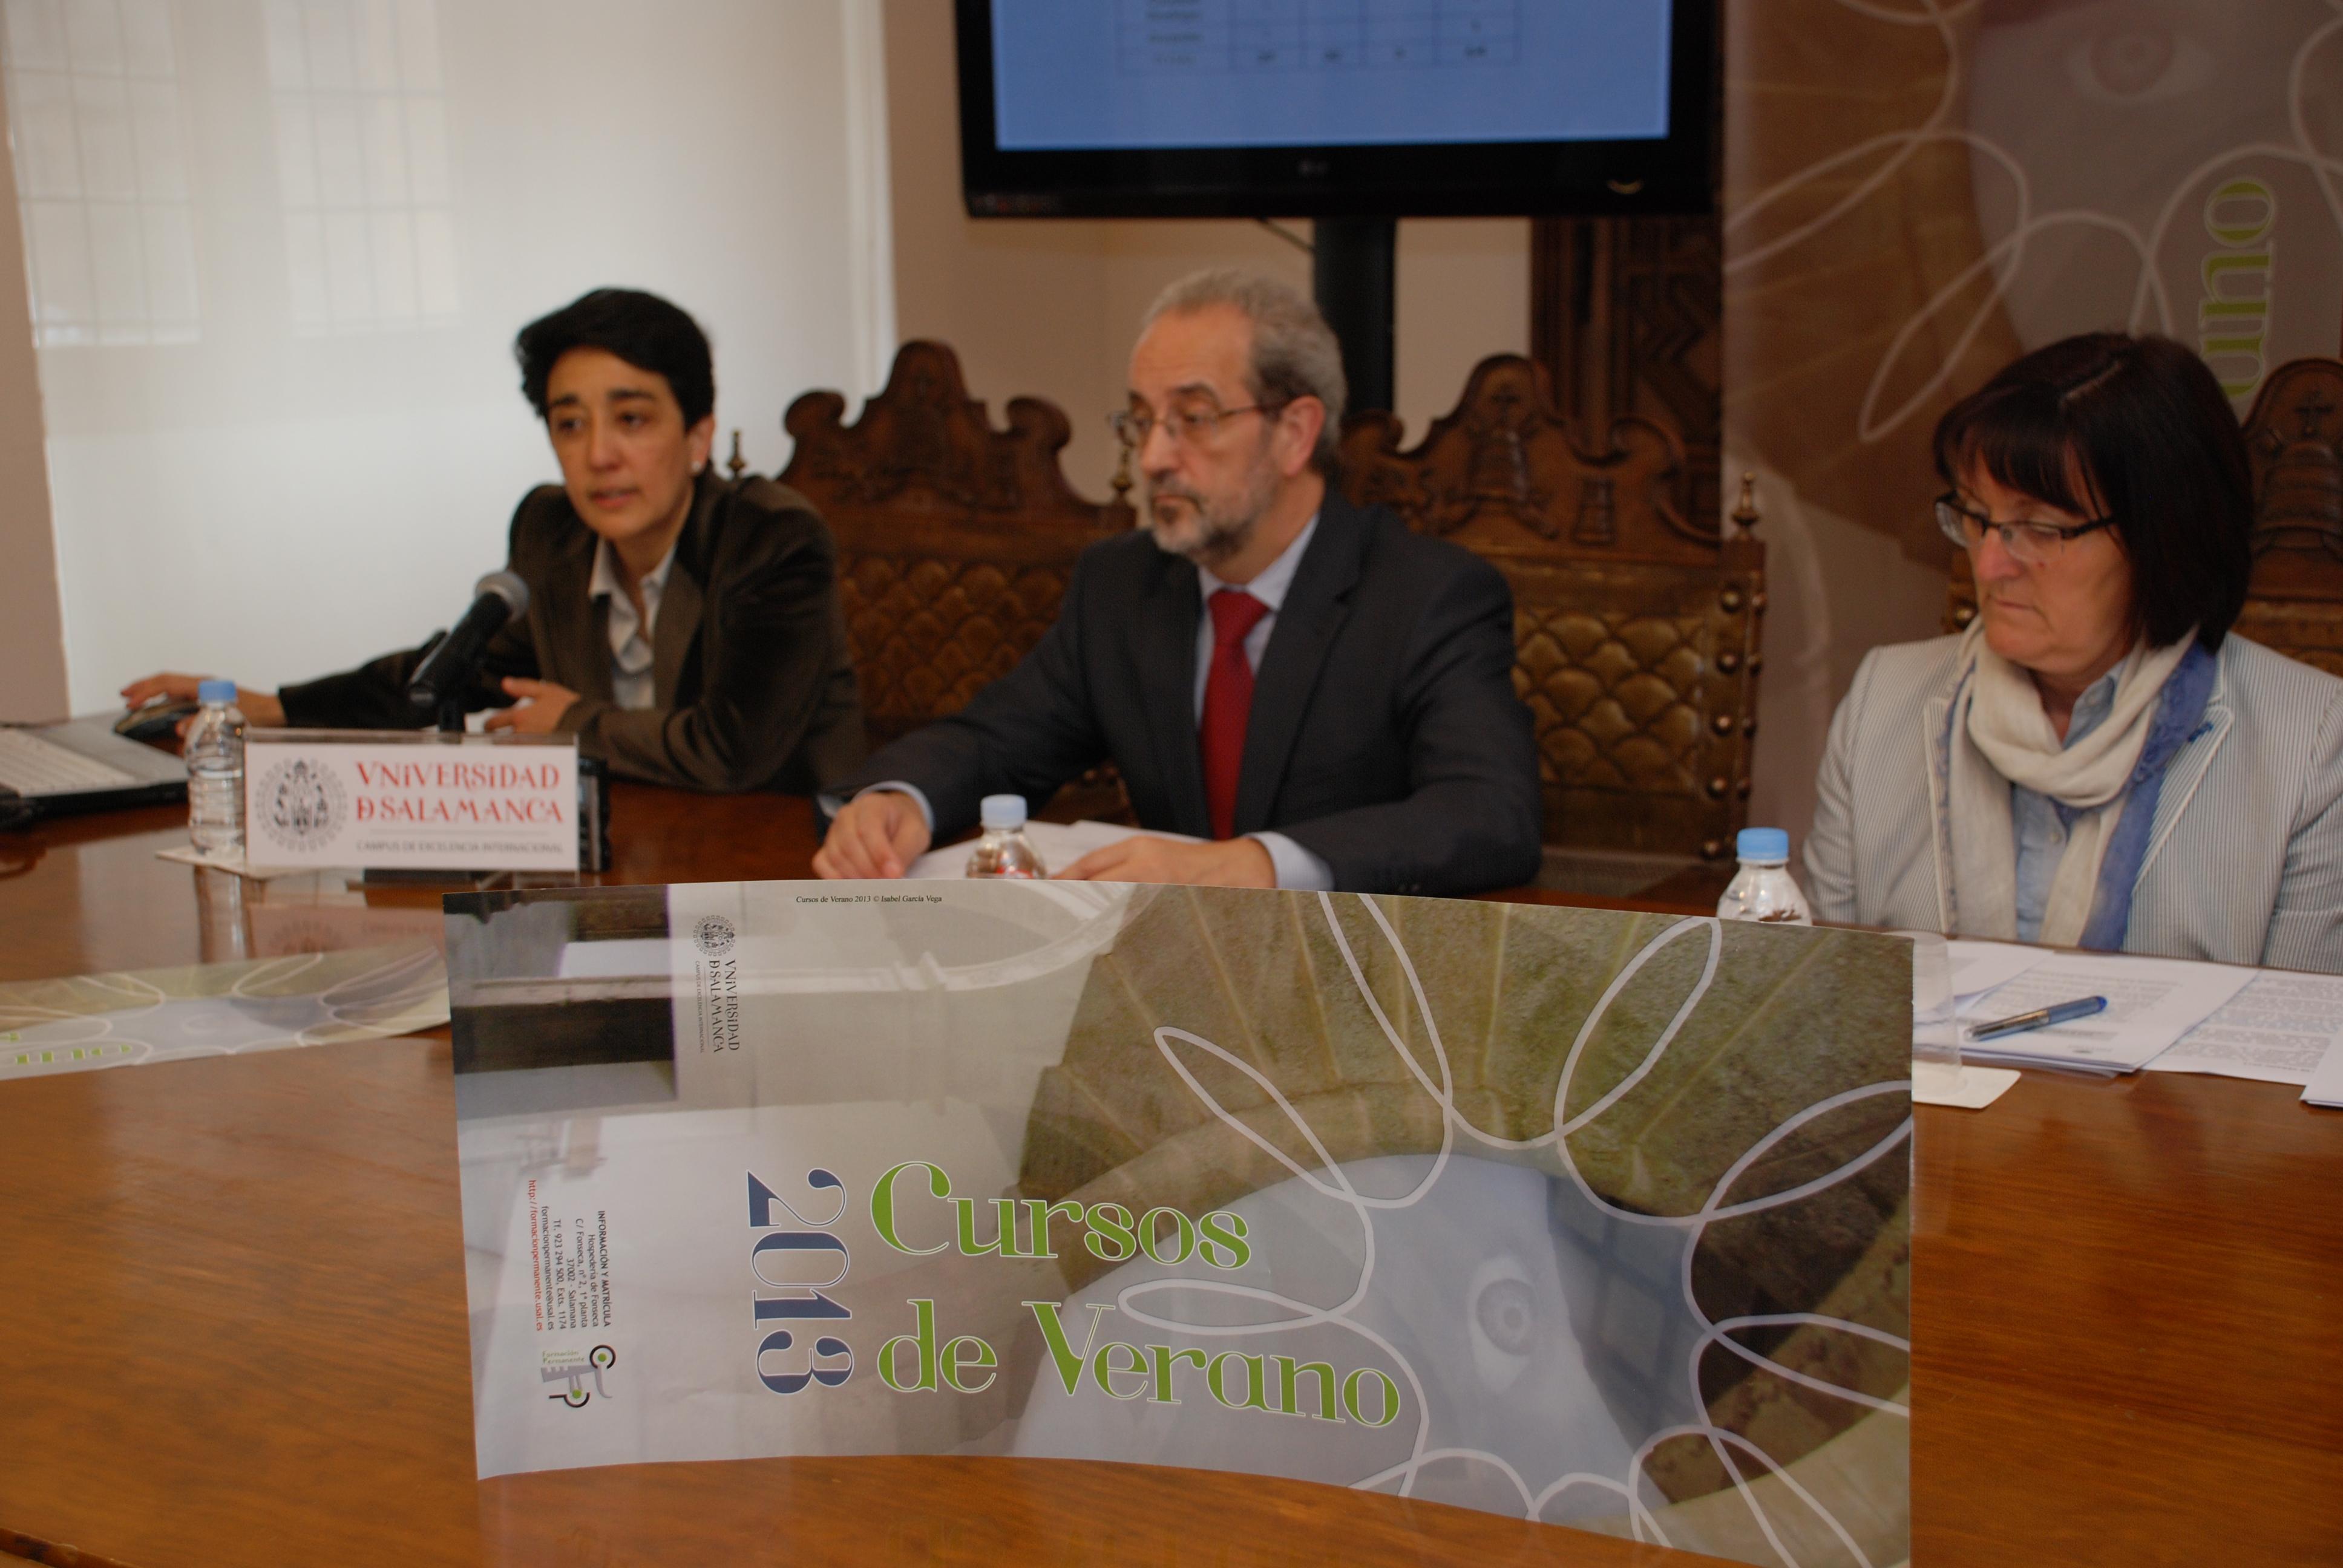 El rector presenta los Cursos de Verano de 2013 de la Universidad de Salamanca